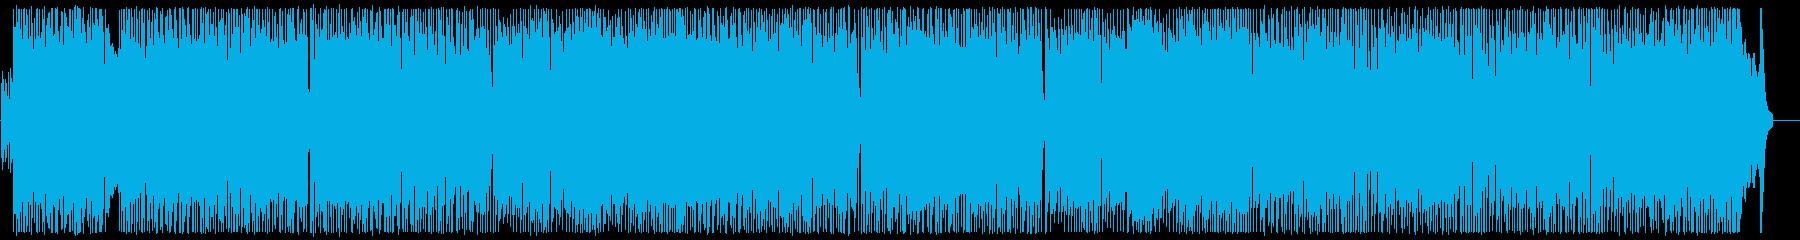 単純なリズムのエネルギッシュなロックの再生済みの波形